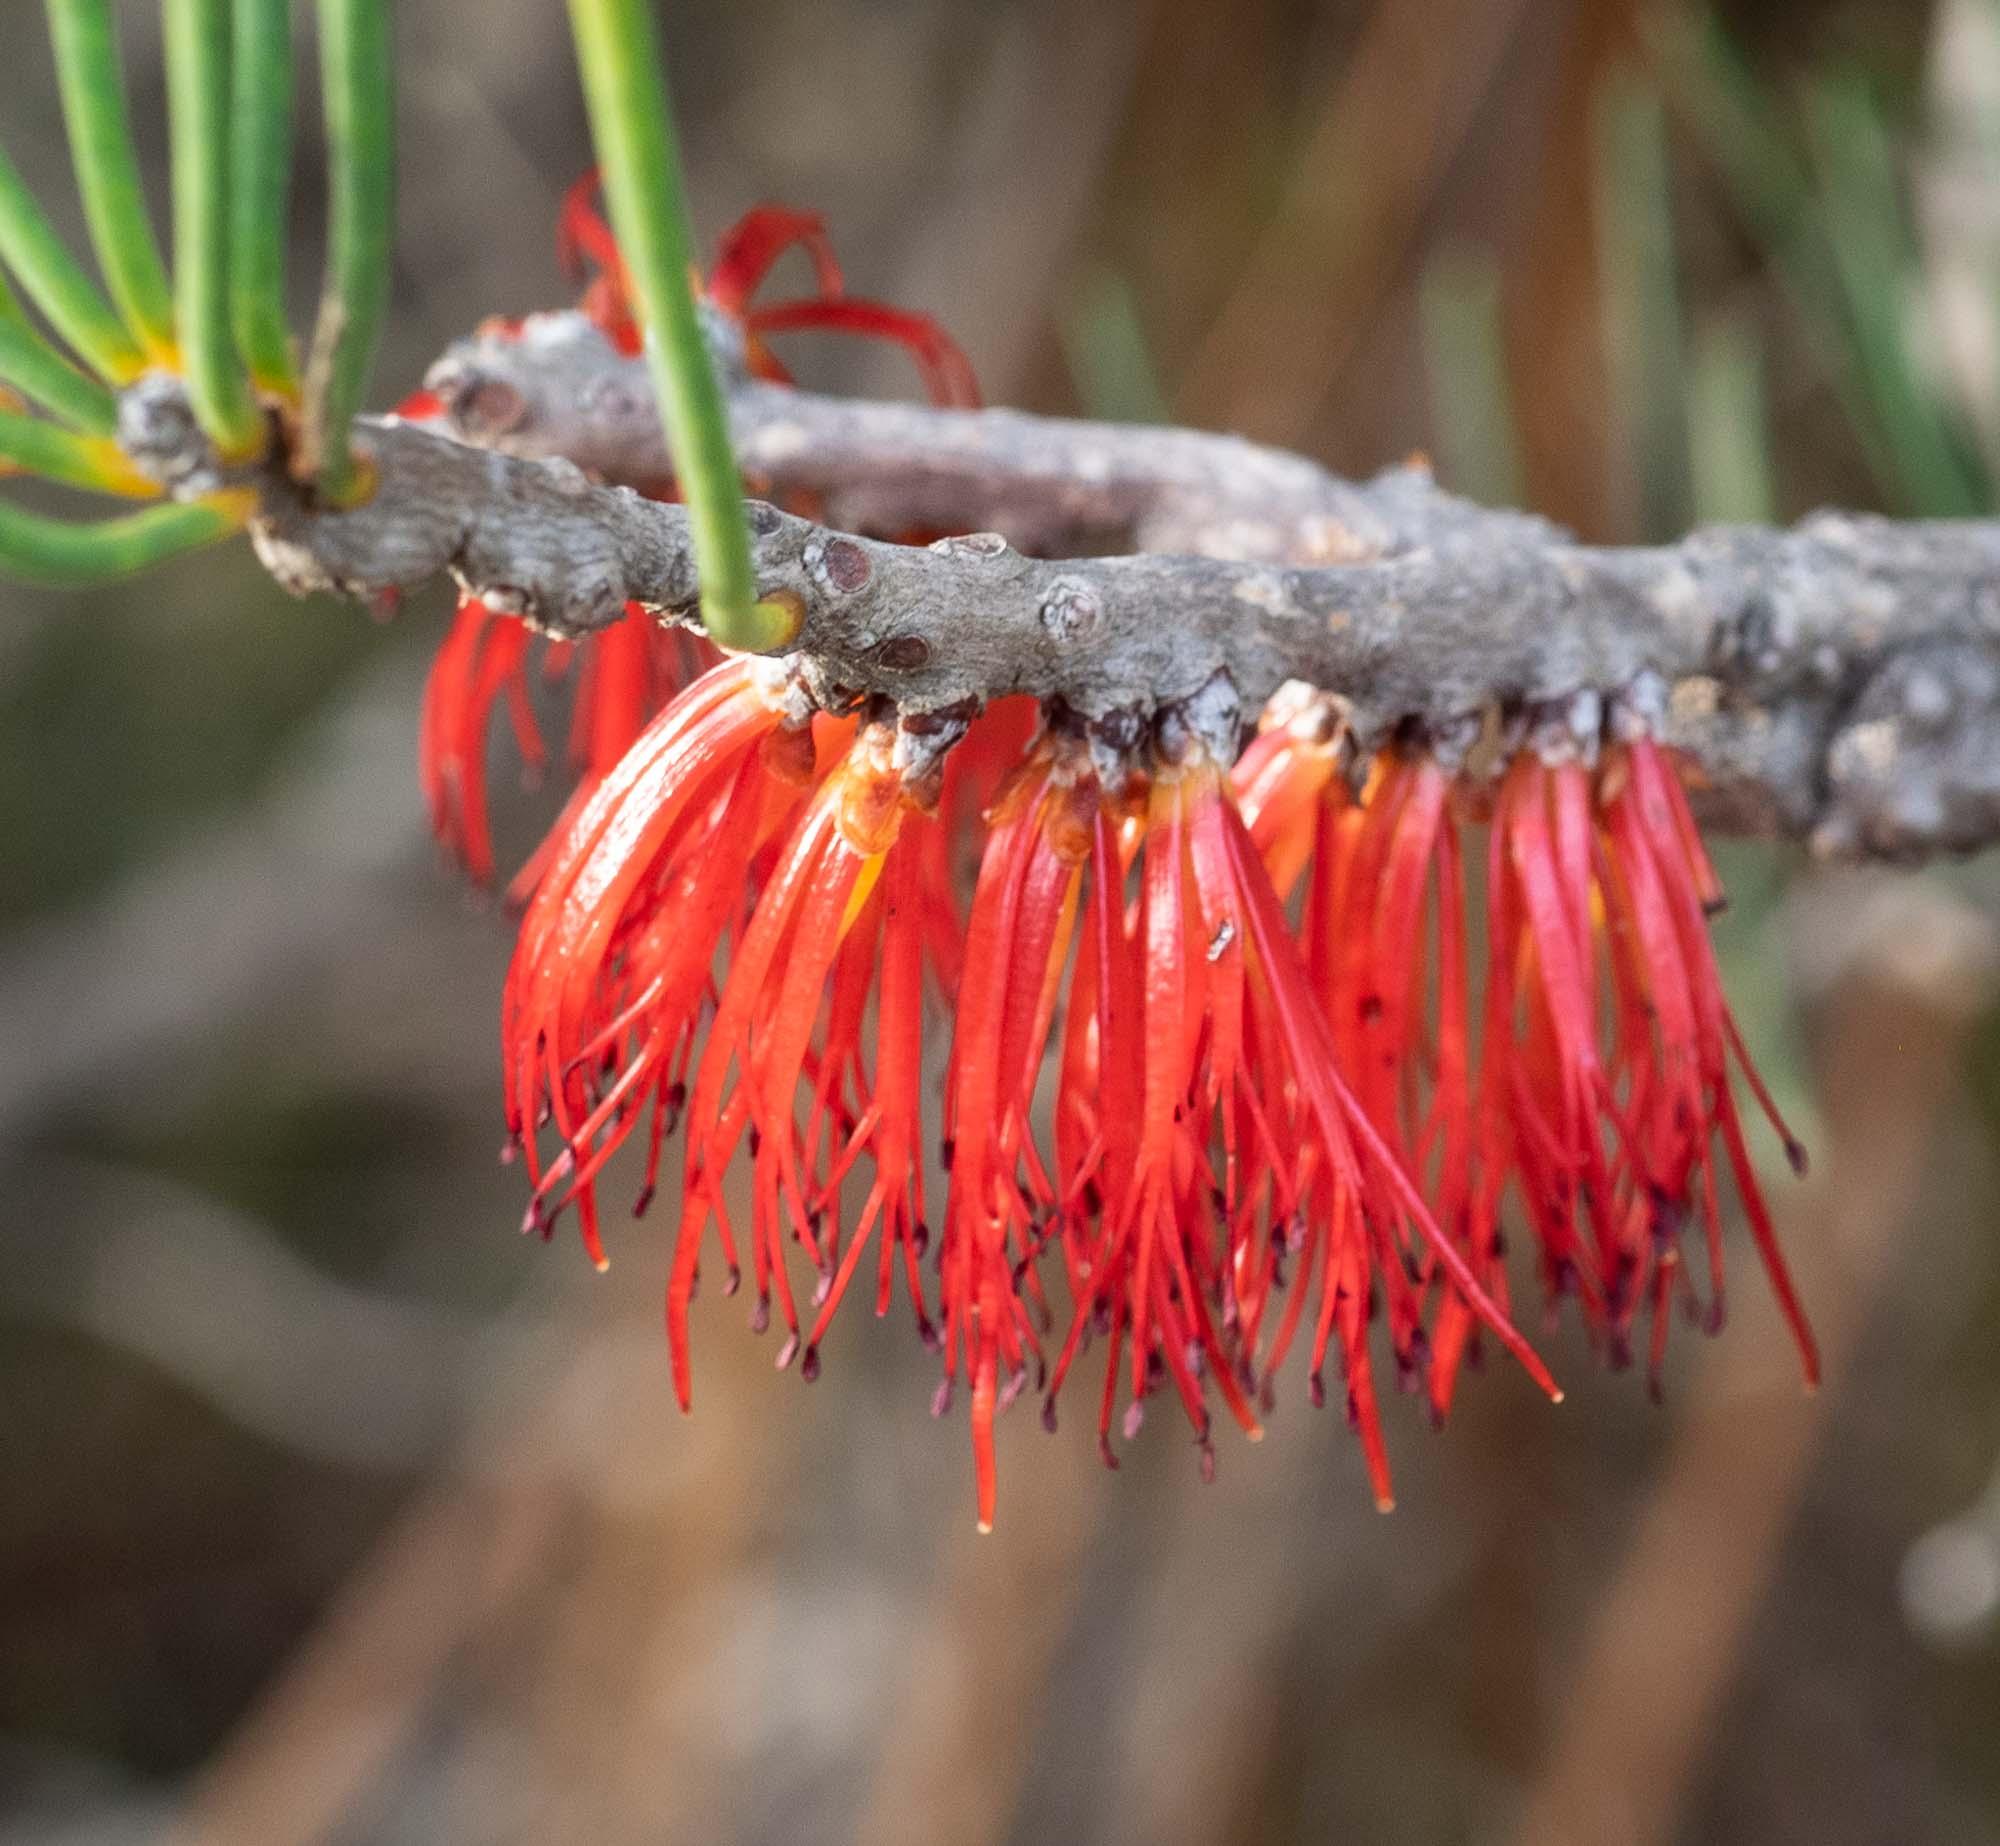 Calothamnus gracilis (One-sided Bottlebrush)